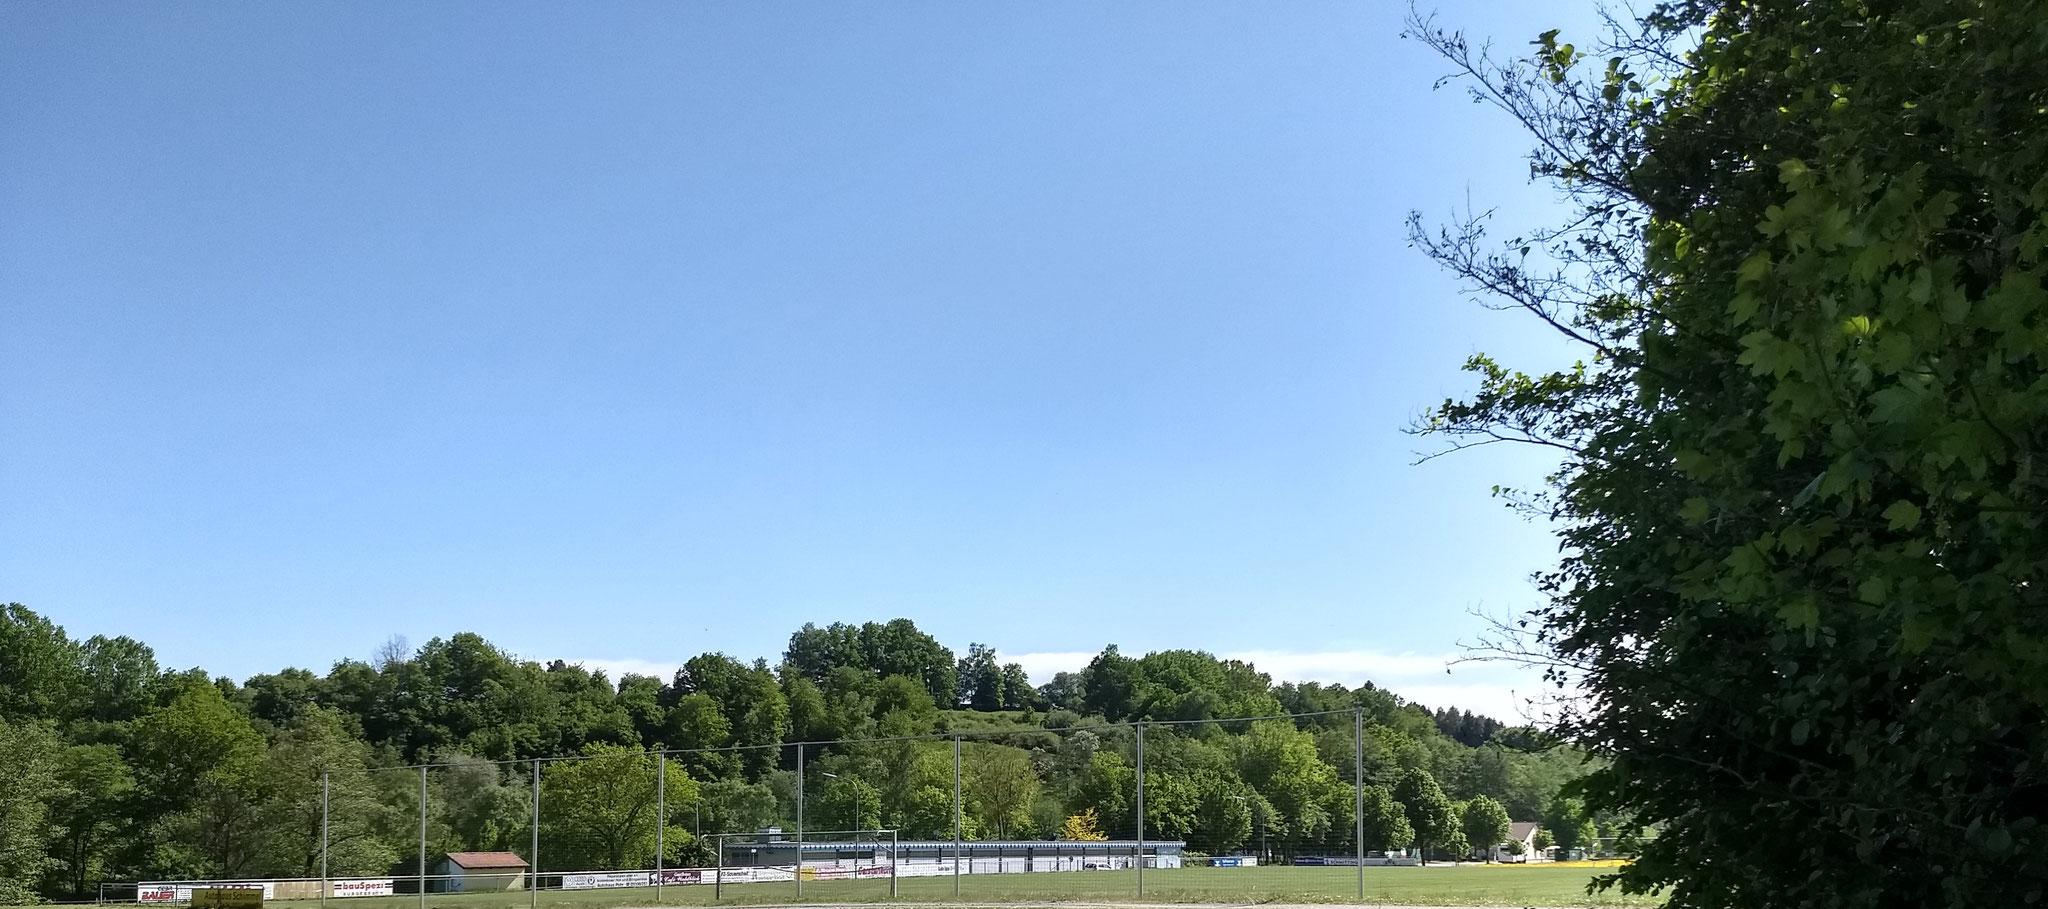 Gesamtanlage von Norden (Weihersee Stadion, Naturbad, Vereinsheim)